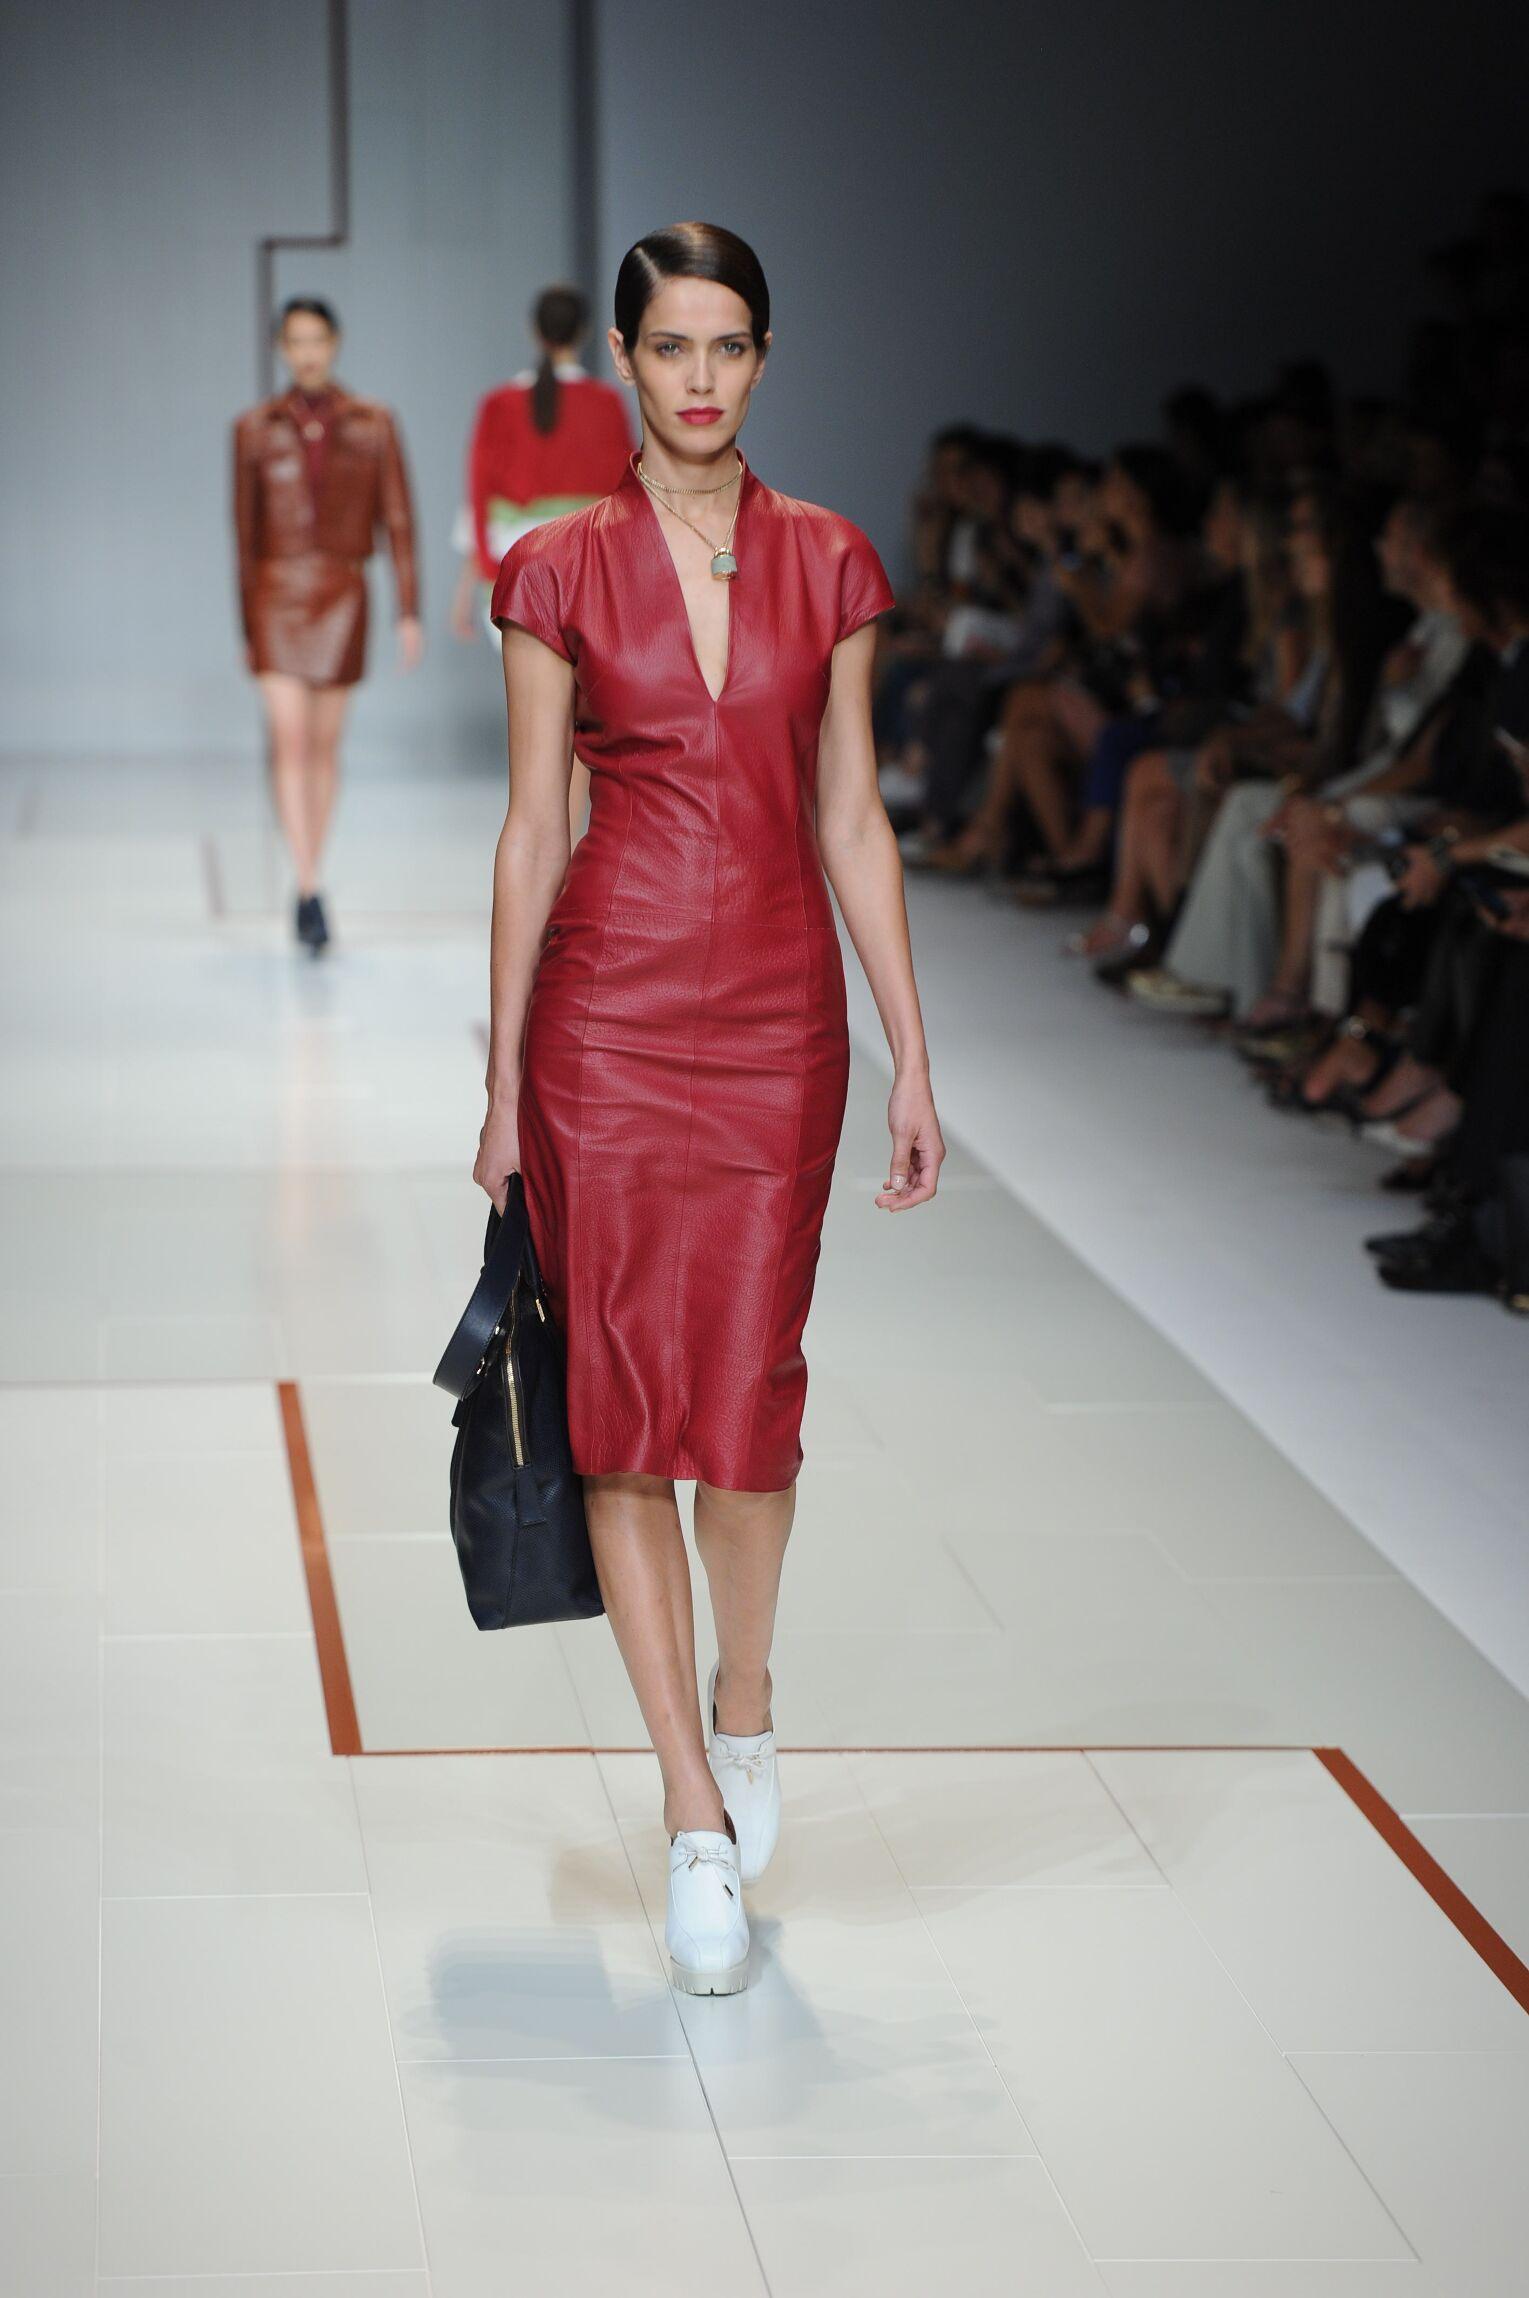 Runway Trussardi Spring Summer 2015 Women's Collection Milan Fashion Week